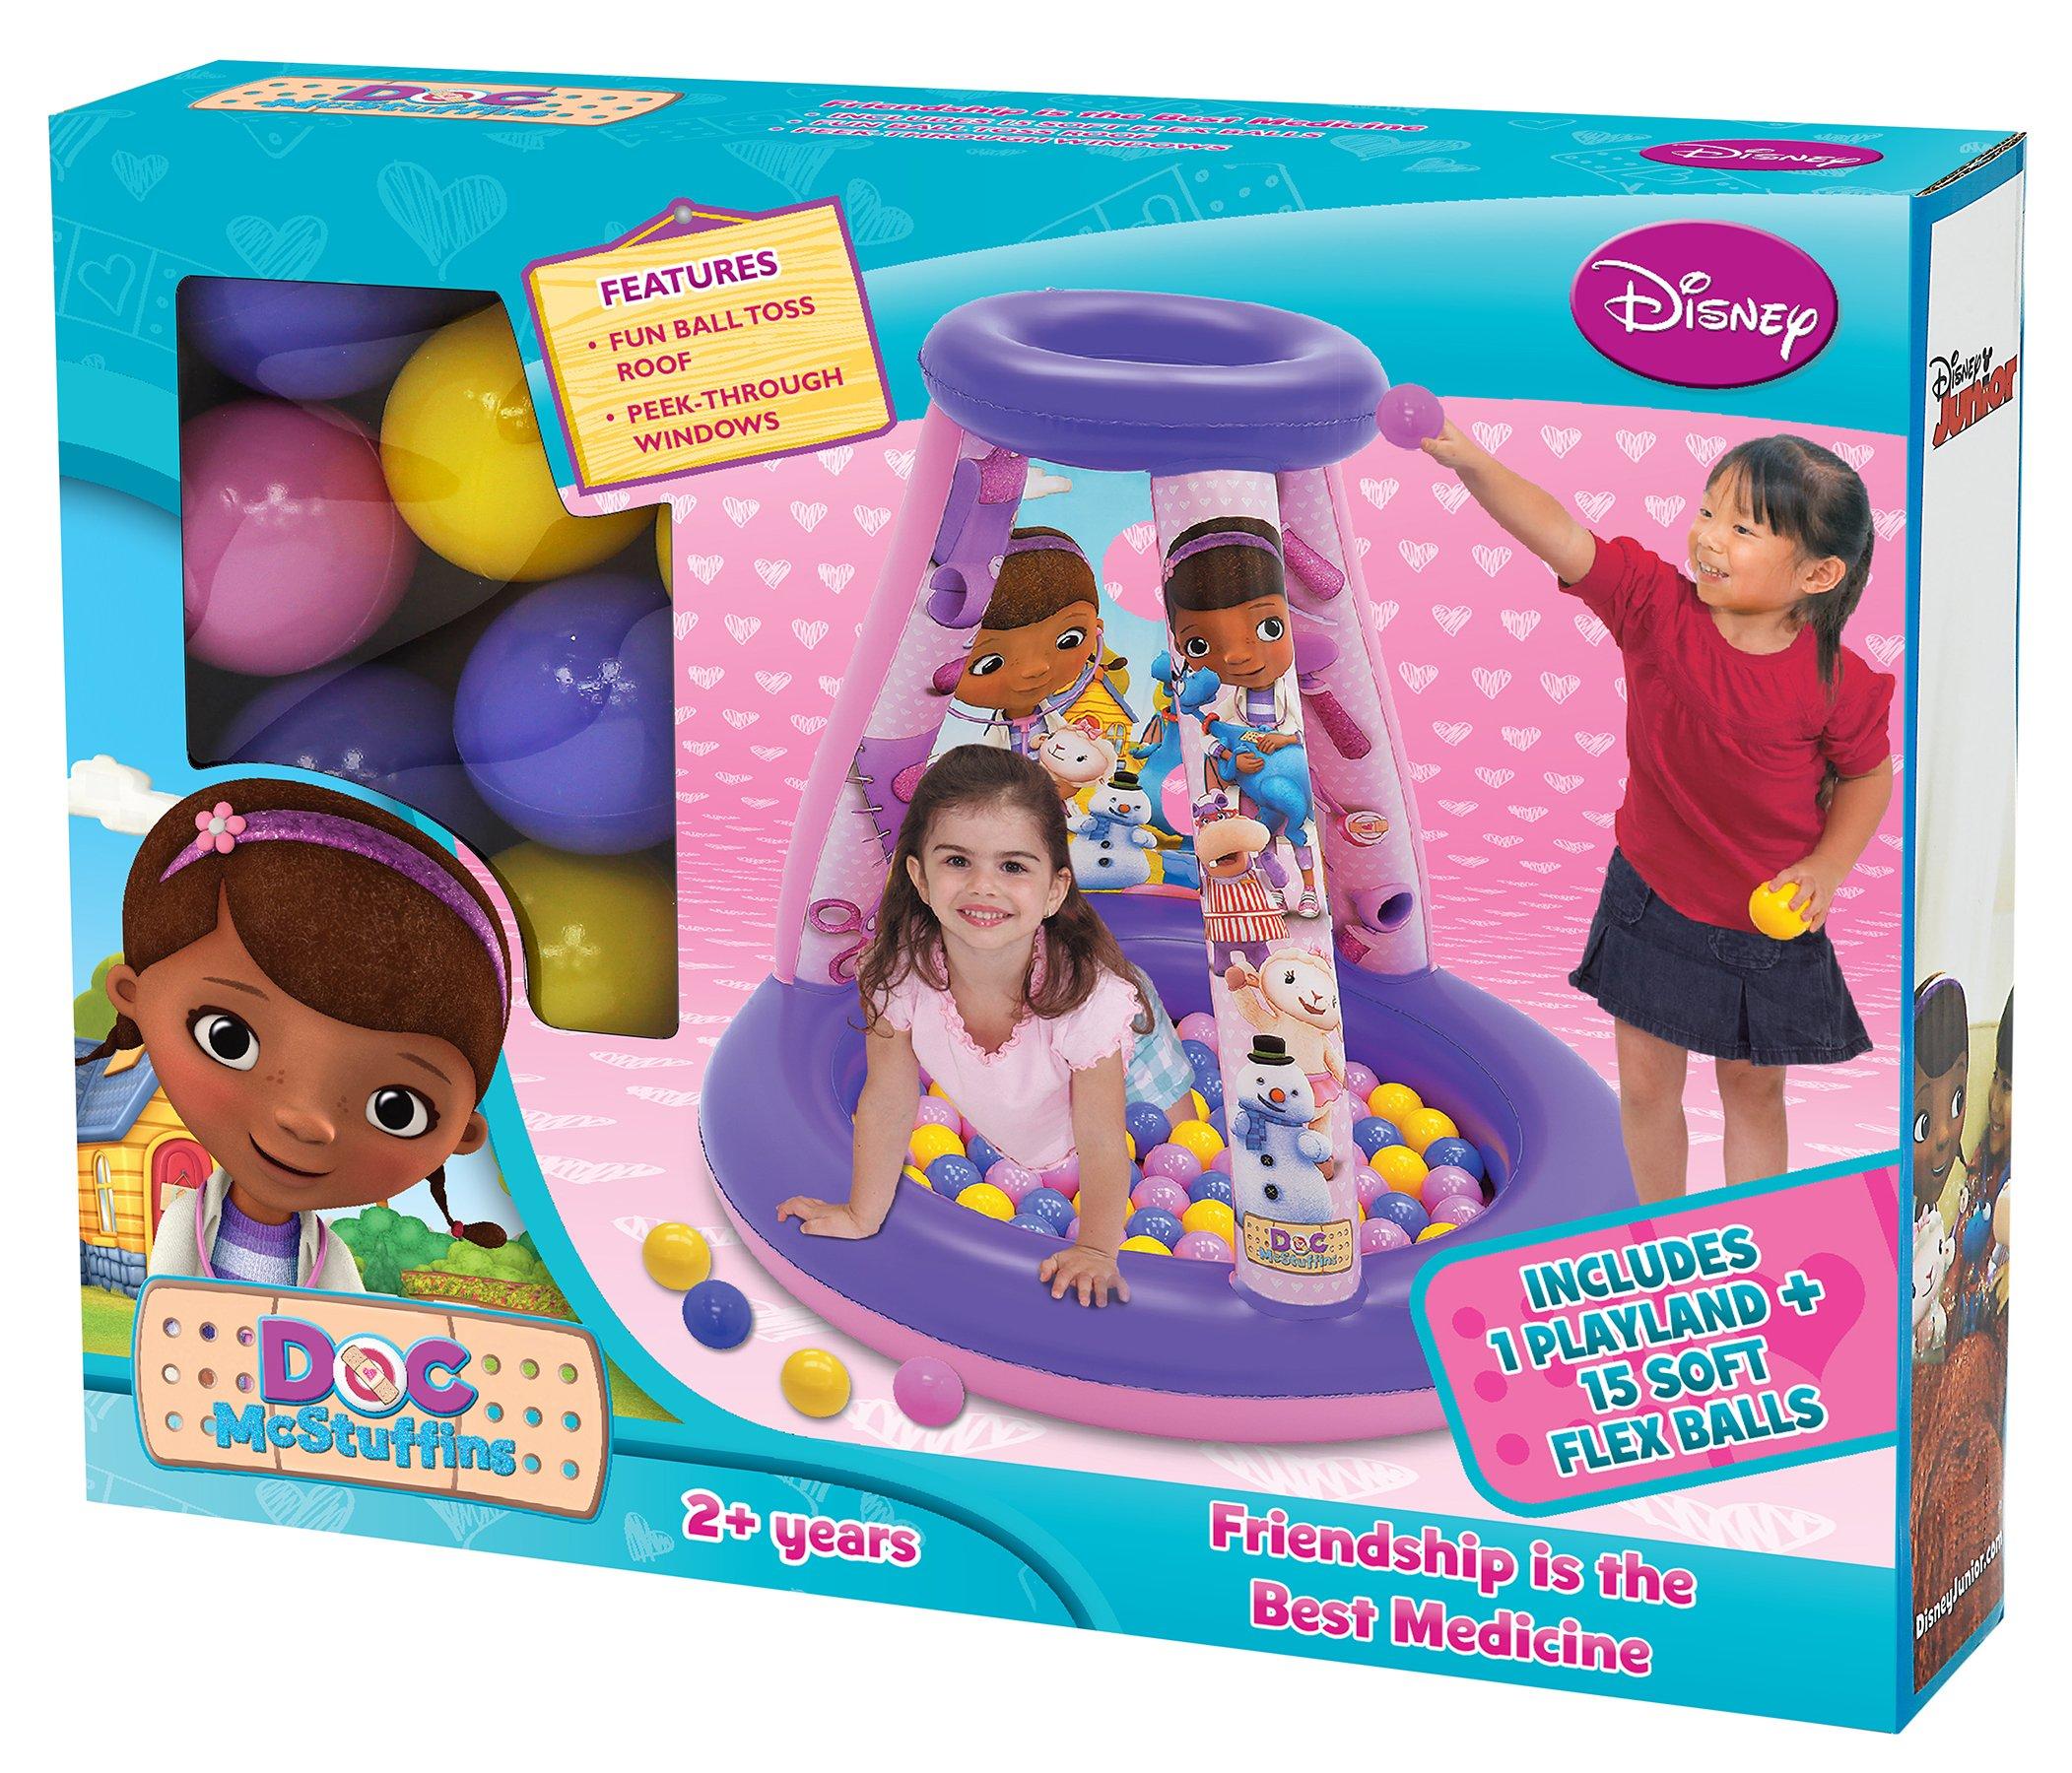 Doc McStuffins Friendship is The Best Medicine Ball Pit, 1 Inflatable & 15 Sof-Flex Balls, Purple/Pink, 28'' W x 28'' D x 33'' H by Doc McStuffins (Image #3)